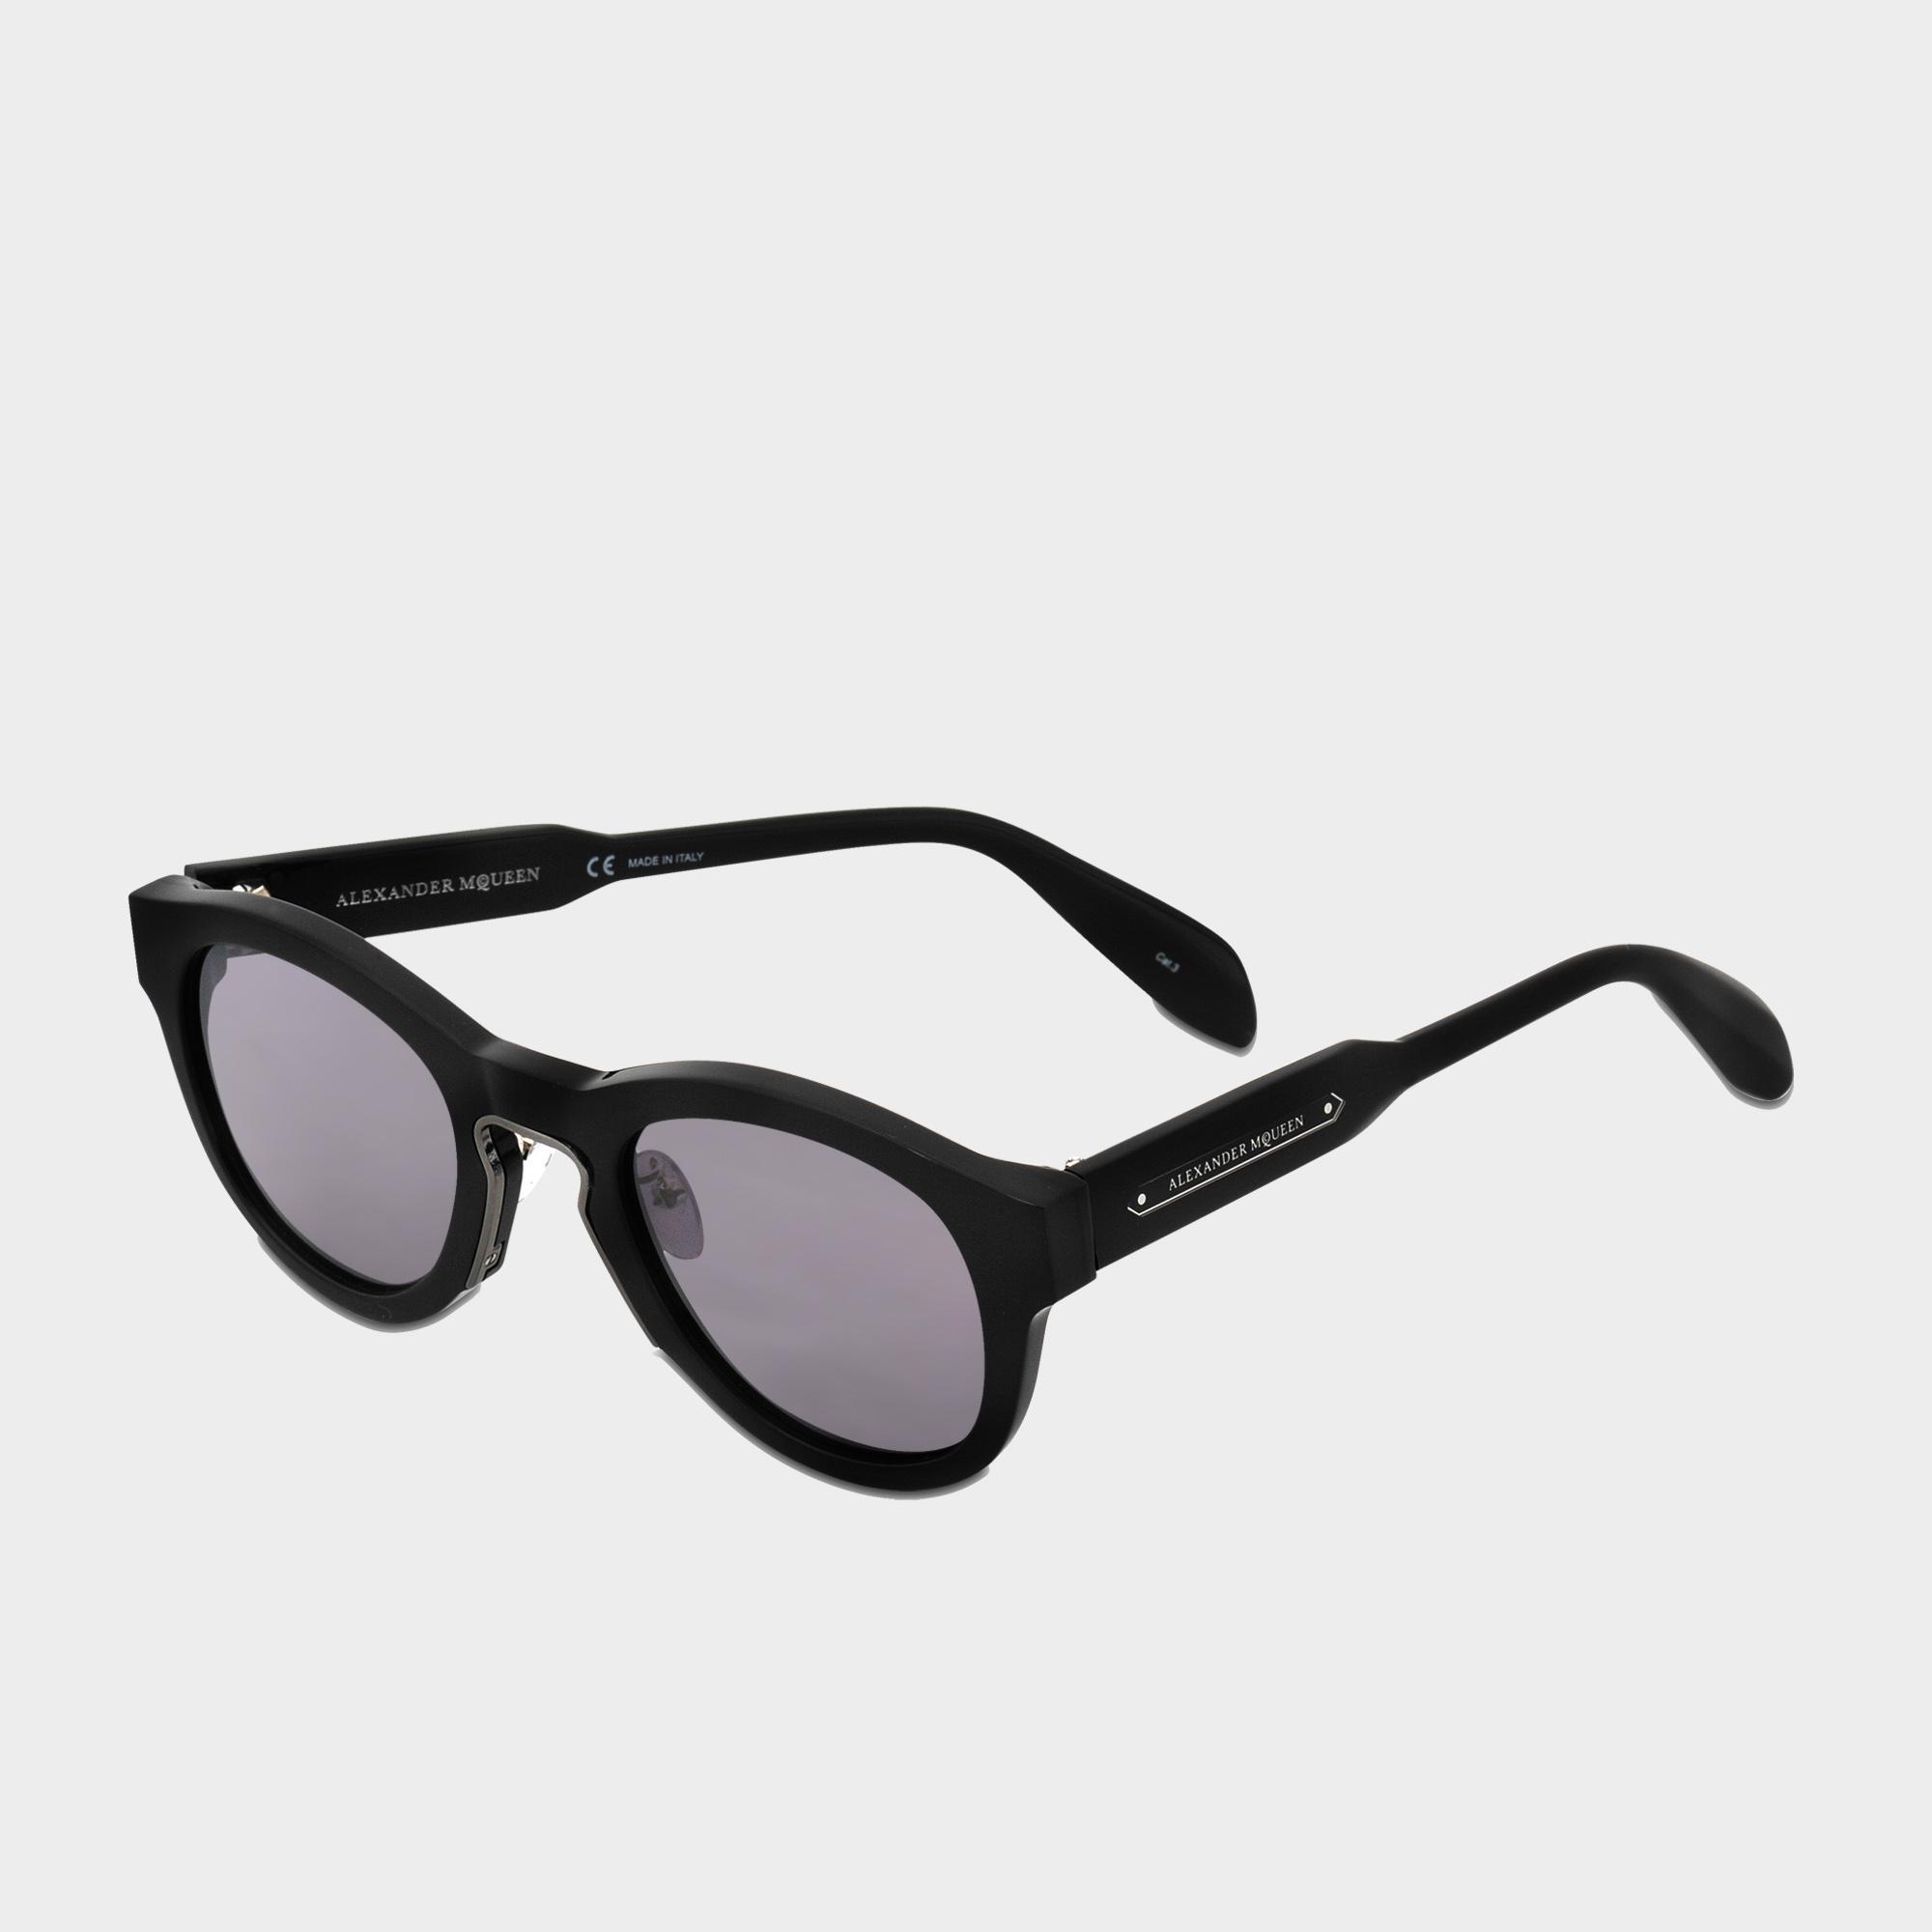 Alexander McQueen Metal Insert Sunglasses in Silver (Metallic)